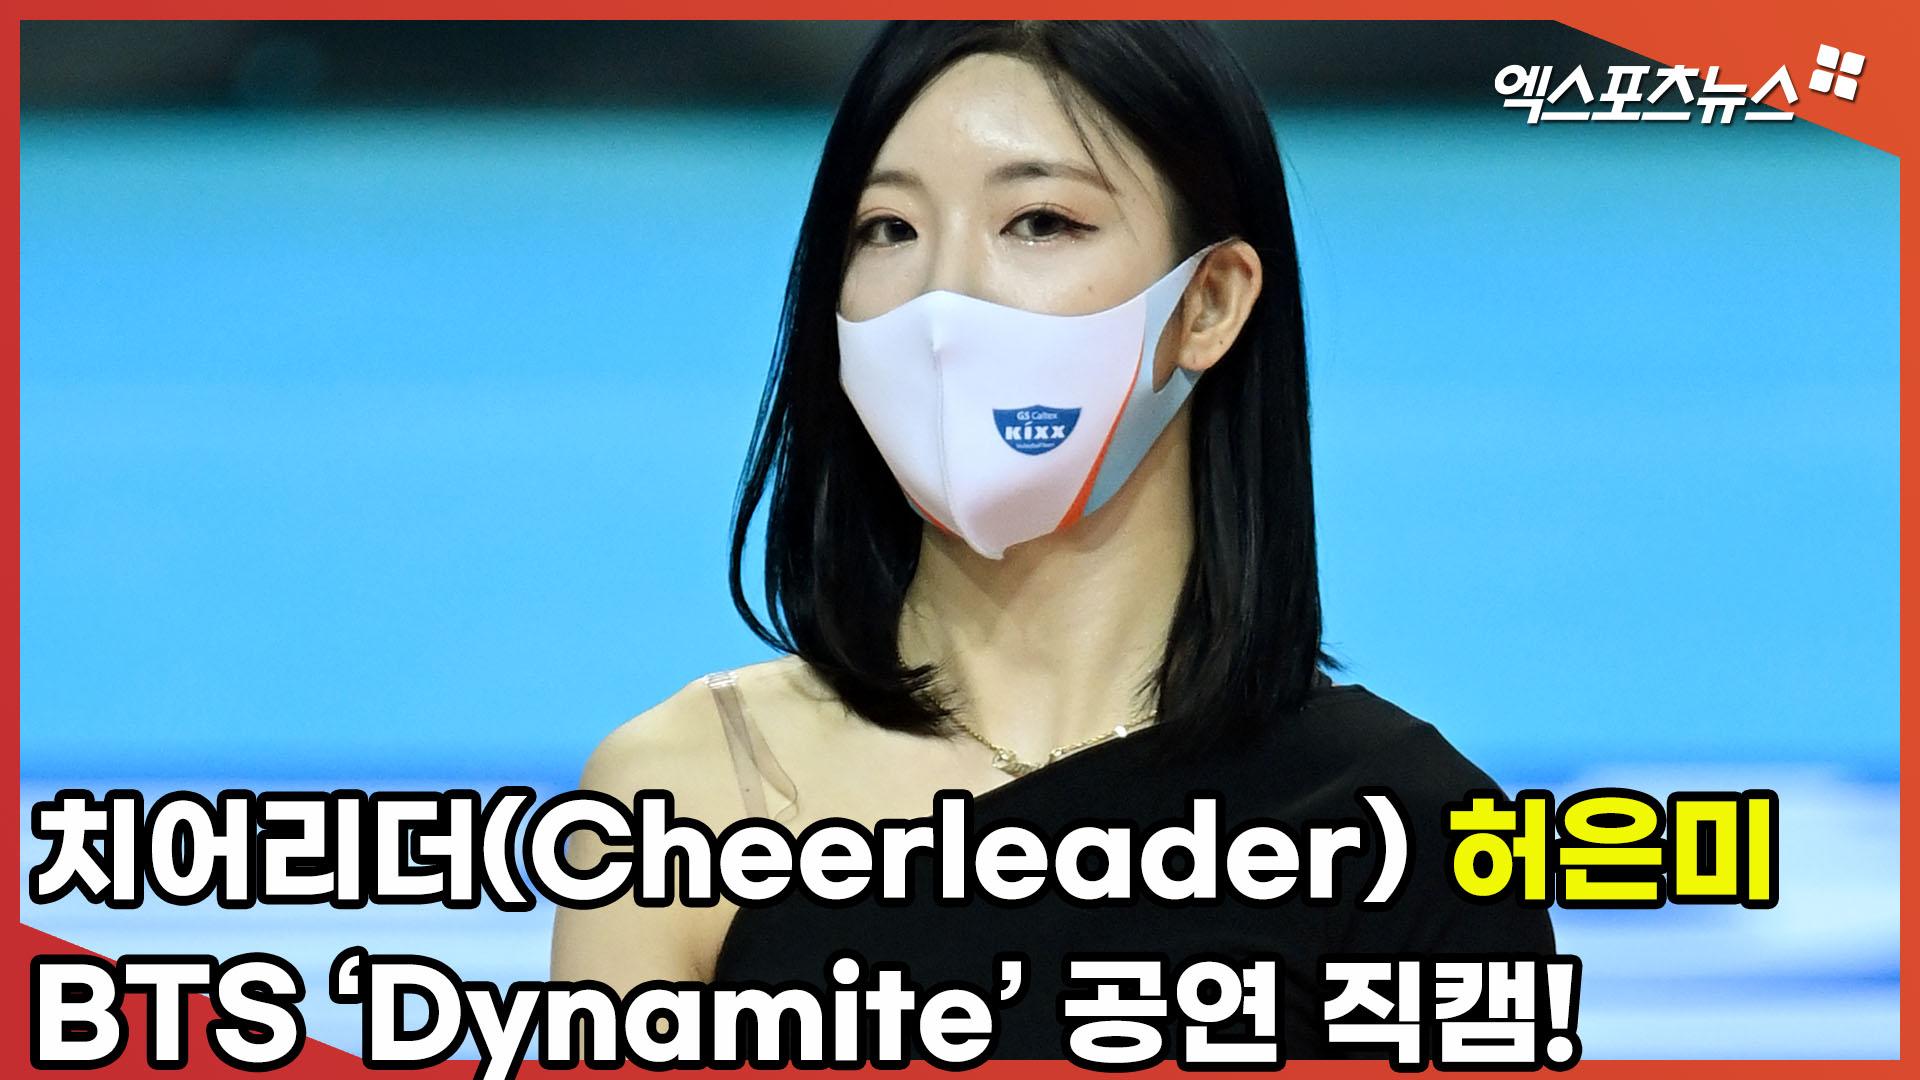 치어리더(Cheerleader)허은미, BTS 'Dynamaite' 공연 직캠! [엑's 영상]